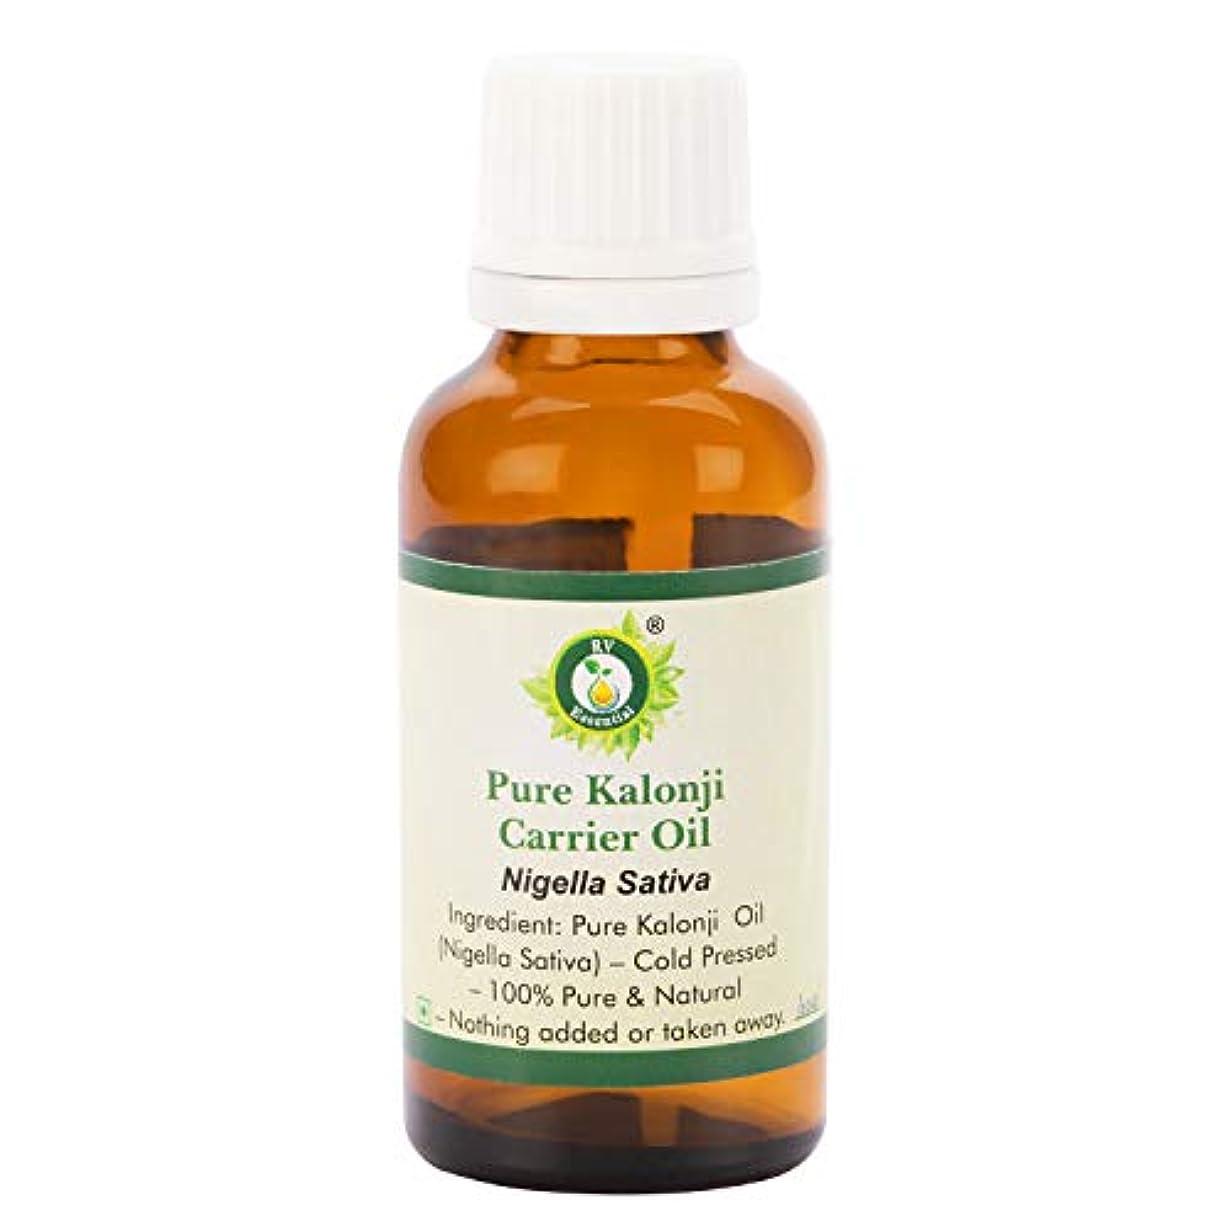 トチの実の木ペナルティバスタブピュアKalonjiキャリアオイル300ml (10oz)- Nigella Sativa (100%ピュア&ナチュラルコールドPressed) Pure Kalonji Carrier Oil